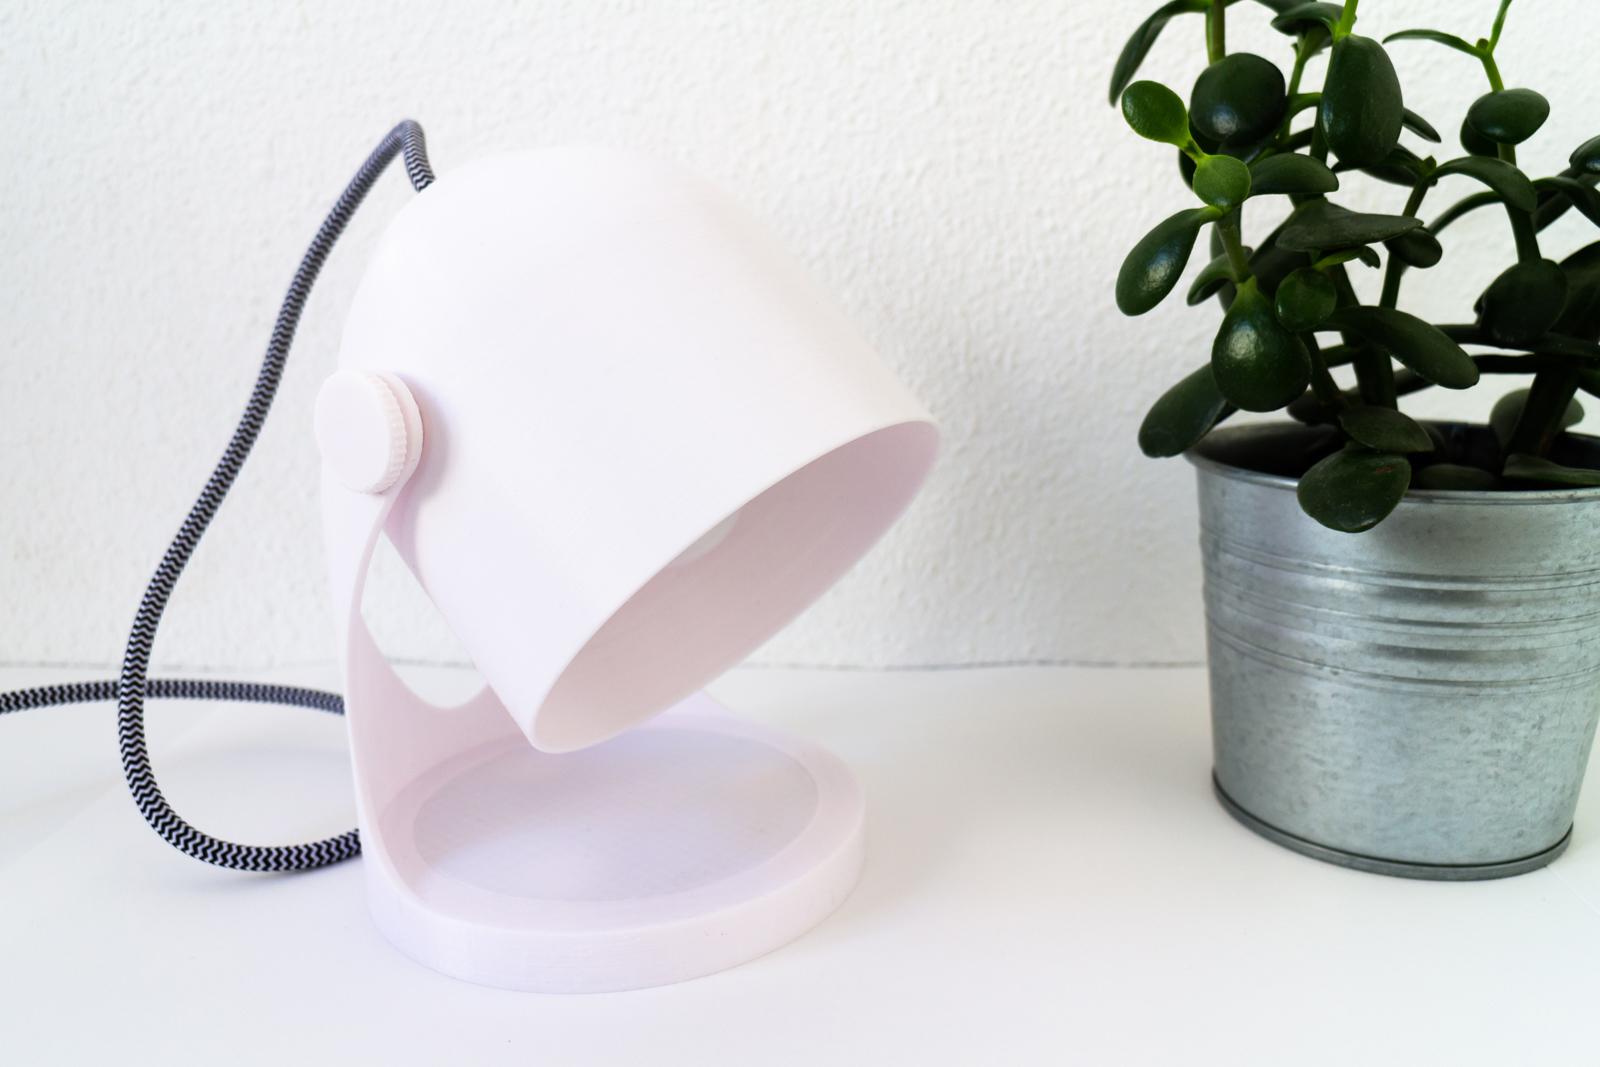 3D printed lamp off